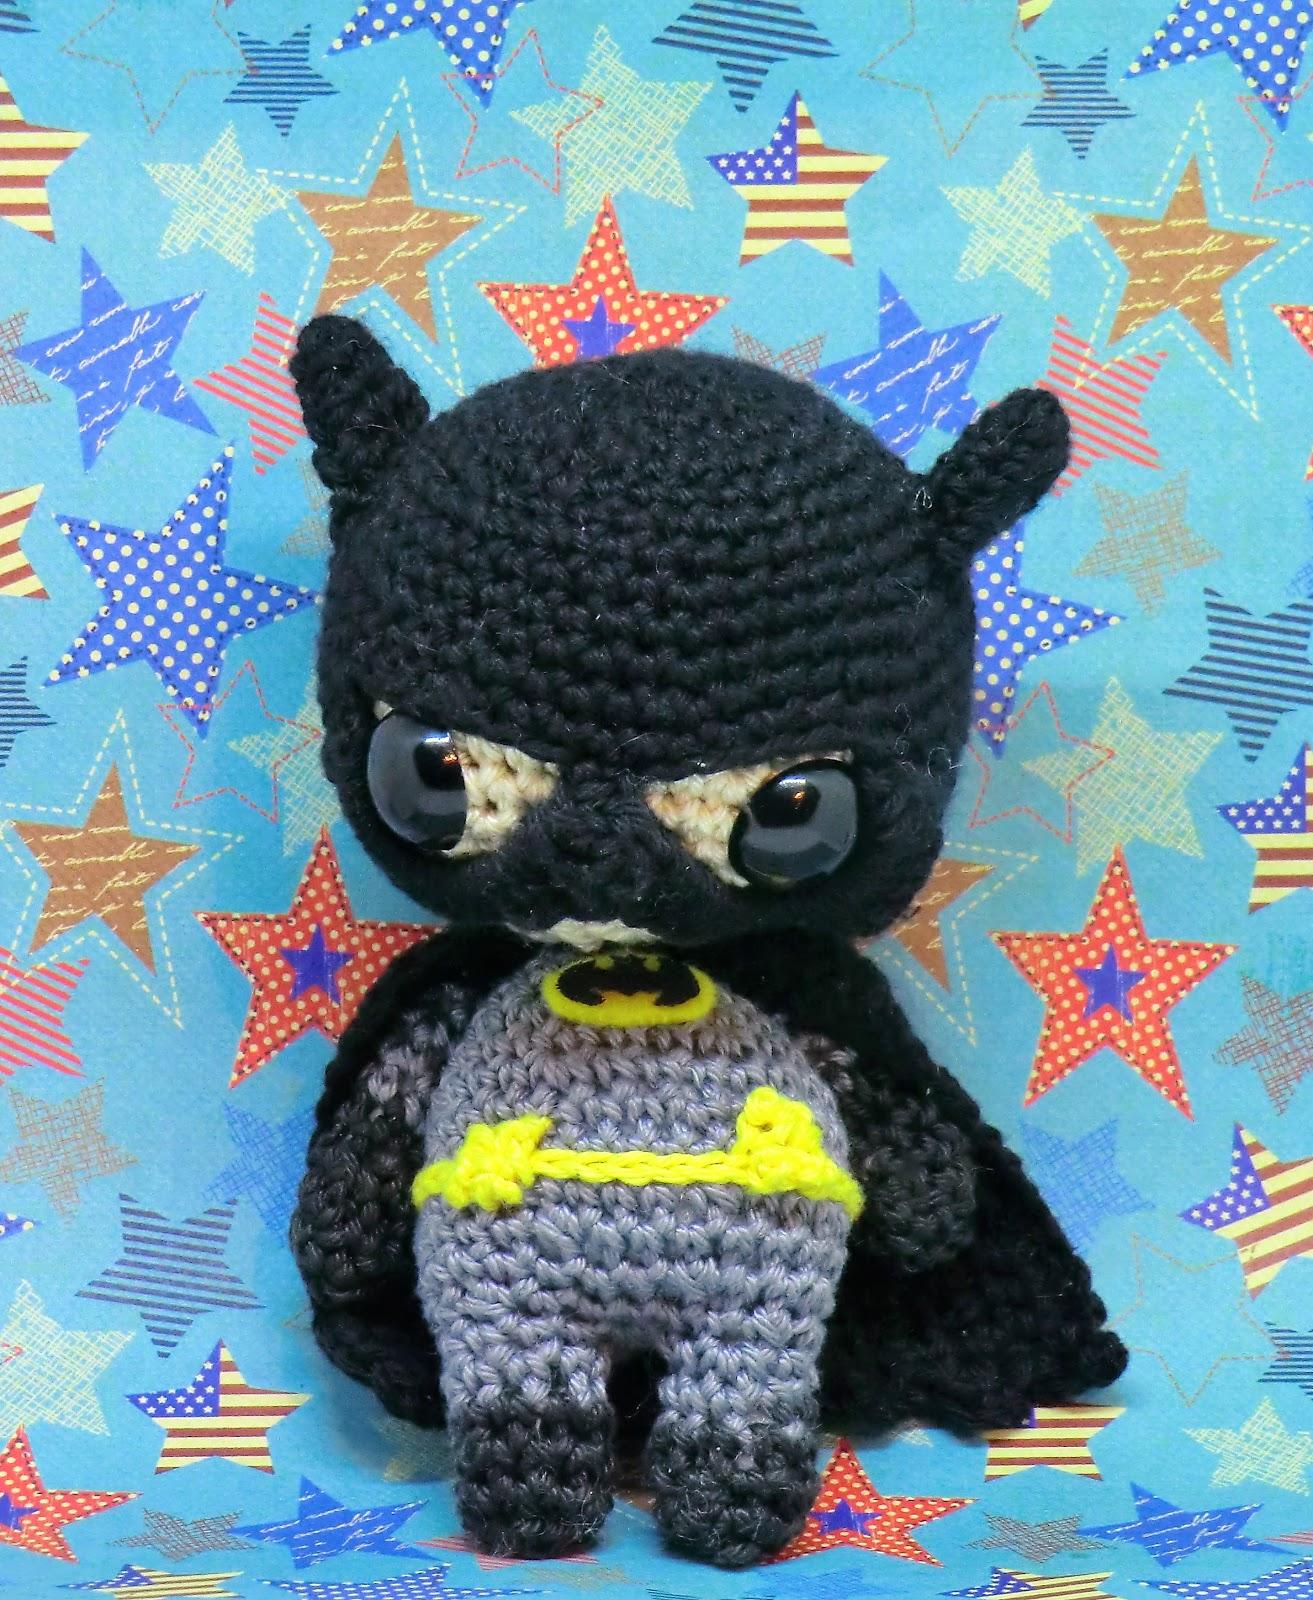 amigurumi batman Stuffed rattle toy|rattle toys|toy rattletoys ... | 1600x1313